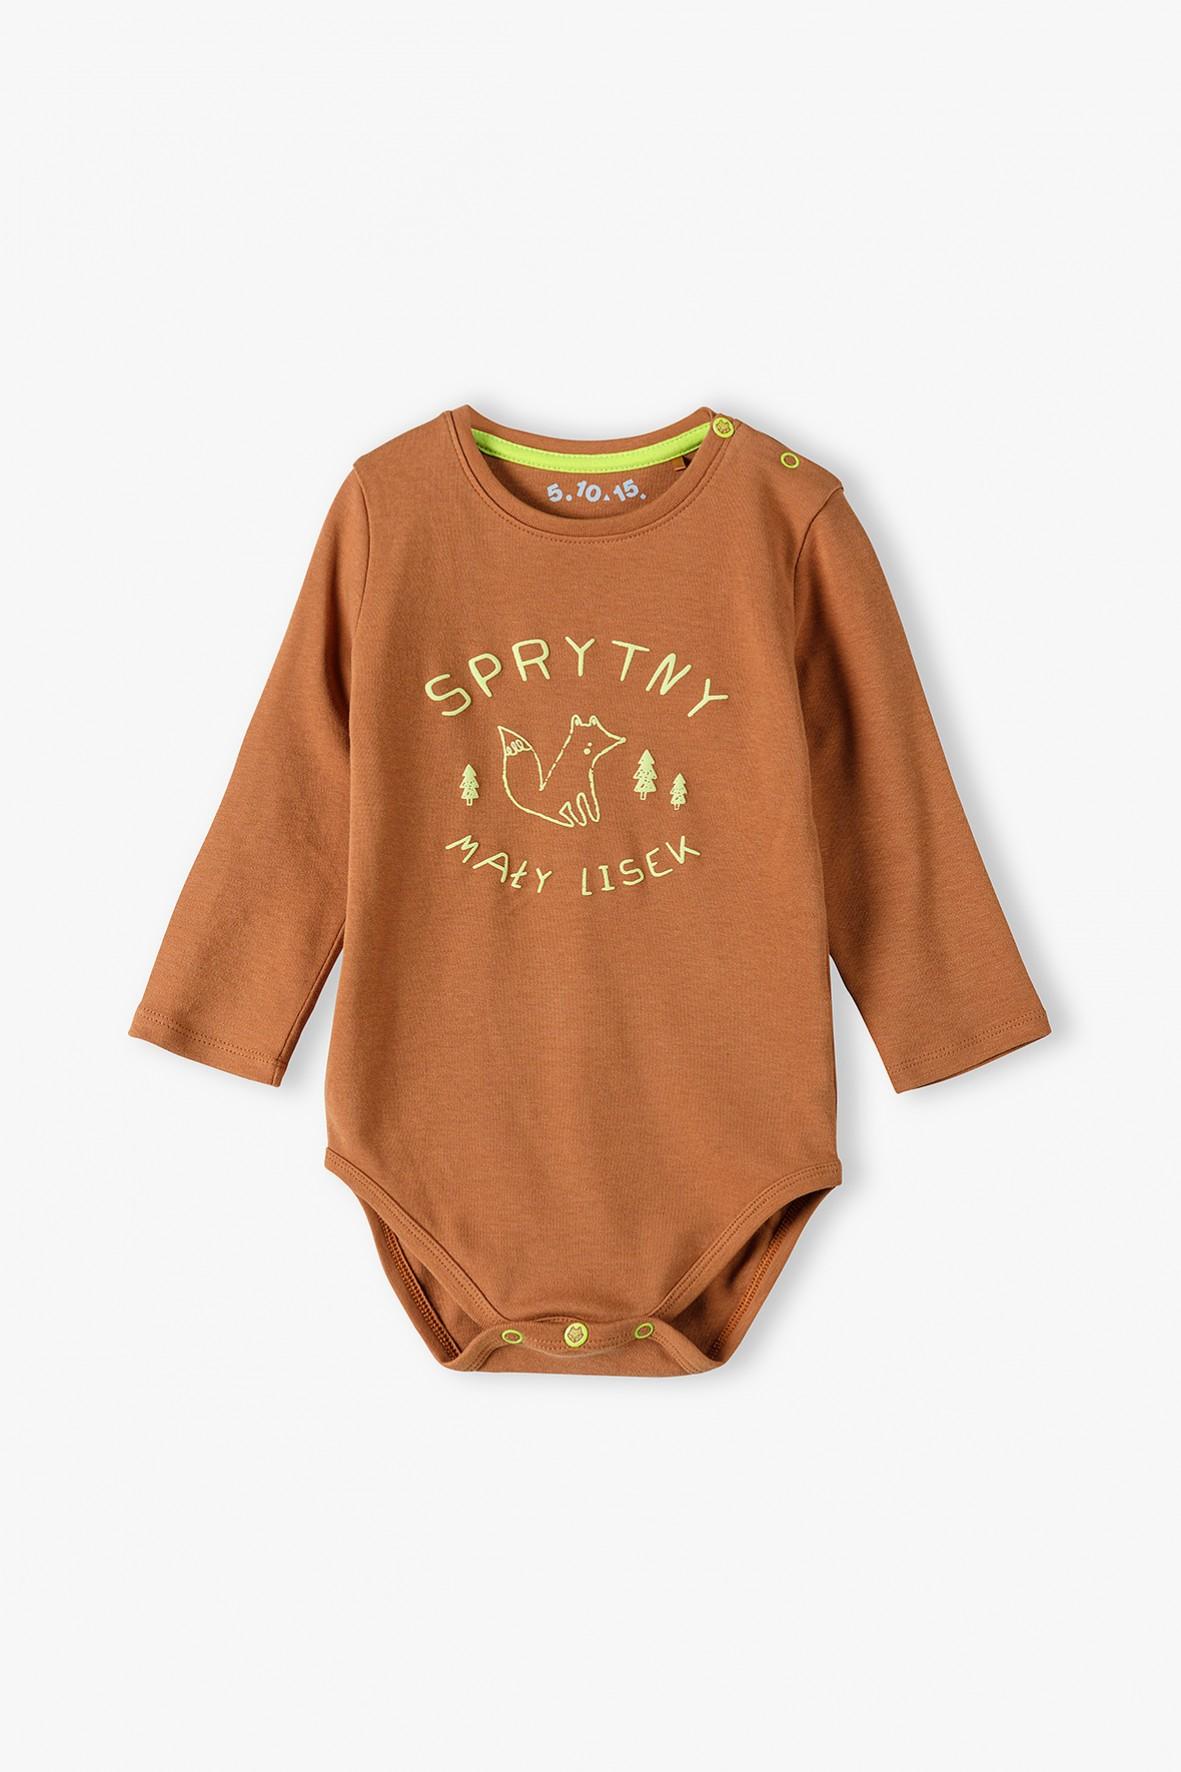 Bawełniane body niemowlęce z polskim napisem -SPRYTNY MAŁY LISEK -brązowe